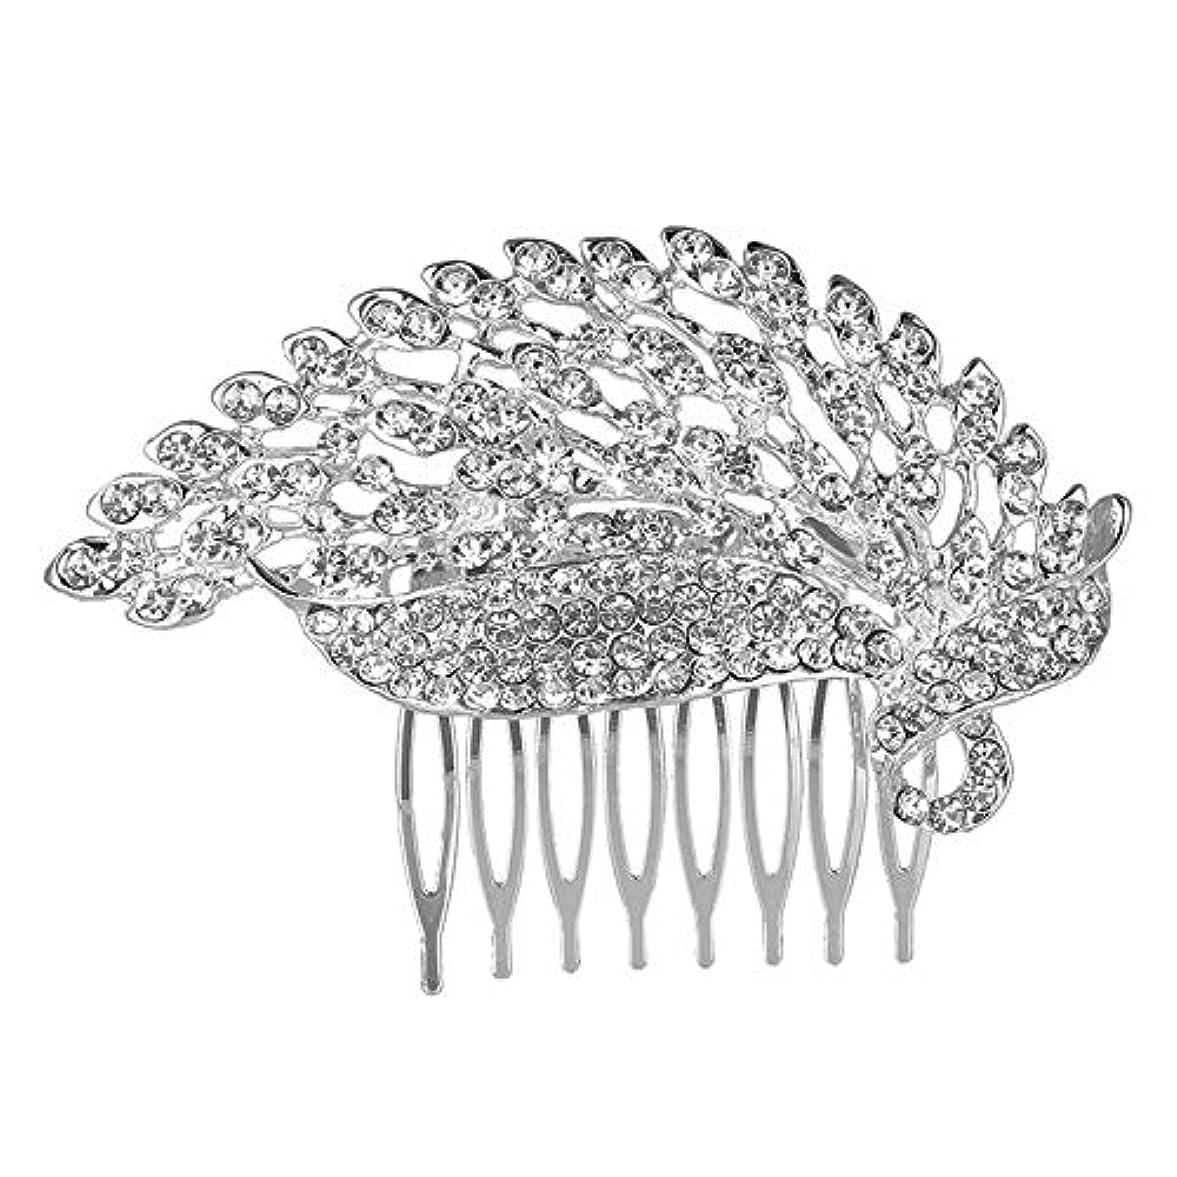 人形害虫ソフトウェア髪の櫛の櫛の櫛の花嫁の櫛の櫛の櫛の花嫁の頭飾りの結婚式のアクセサリー合金